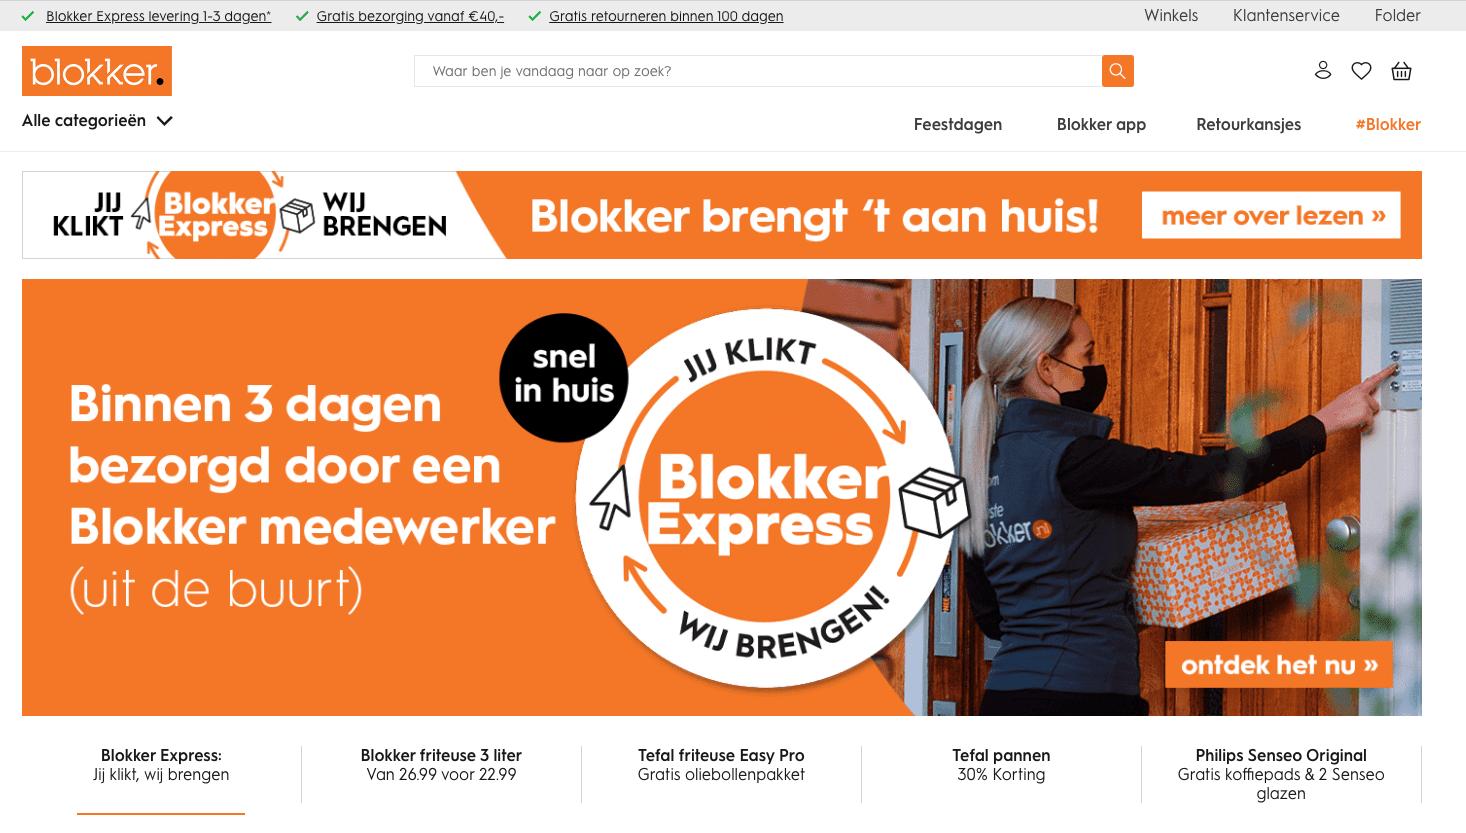 Screenshot van de website van Blokker.